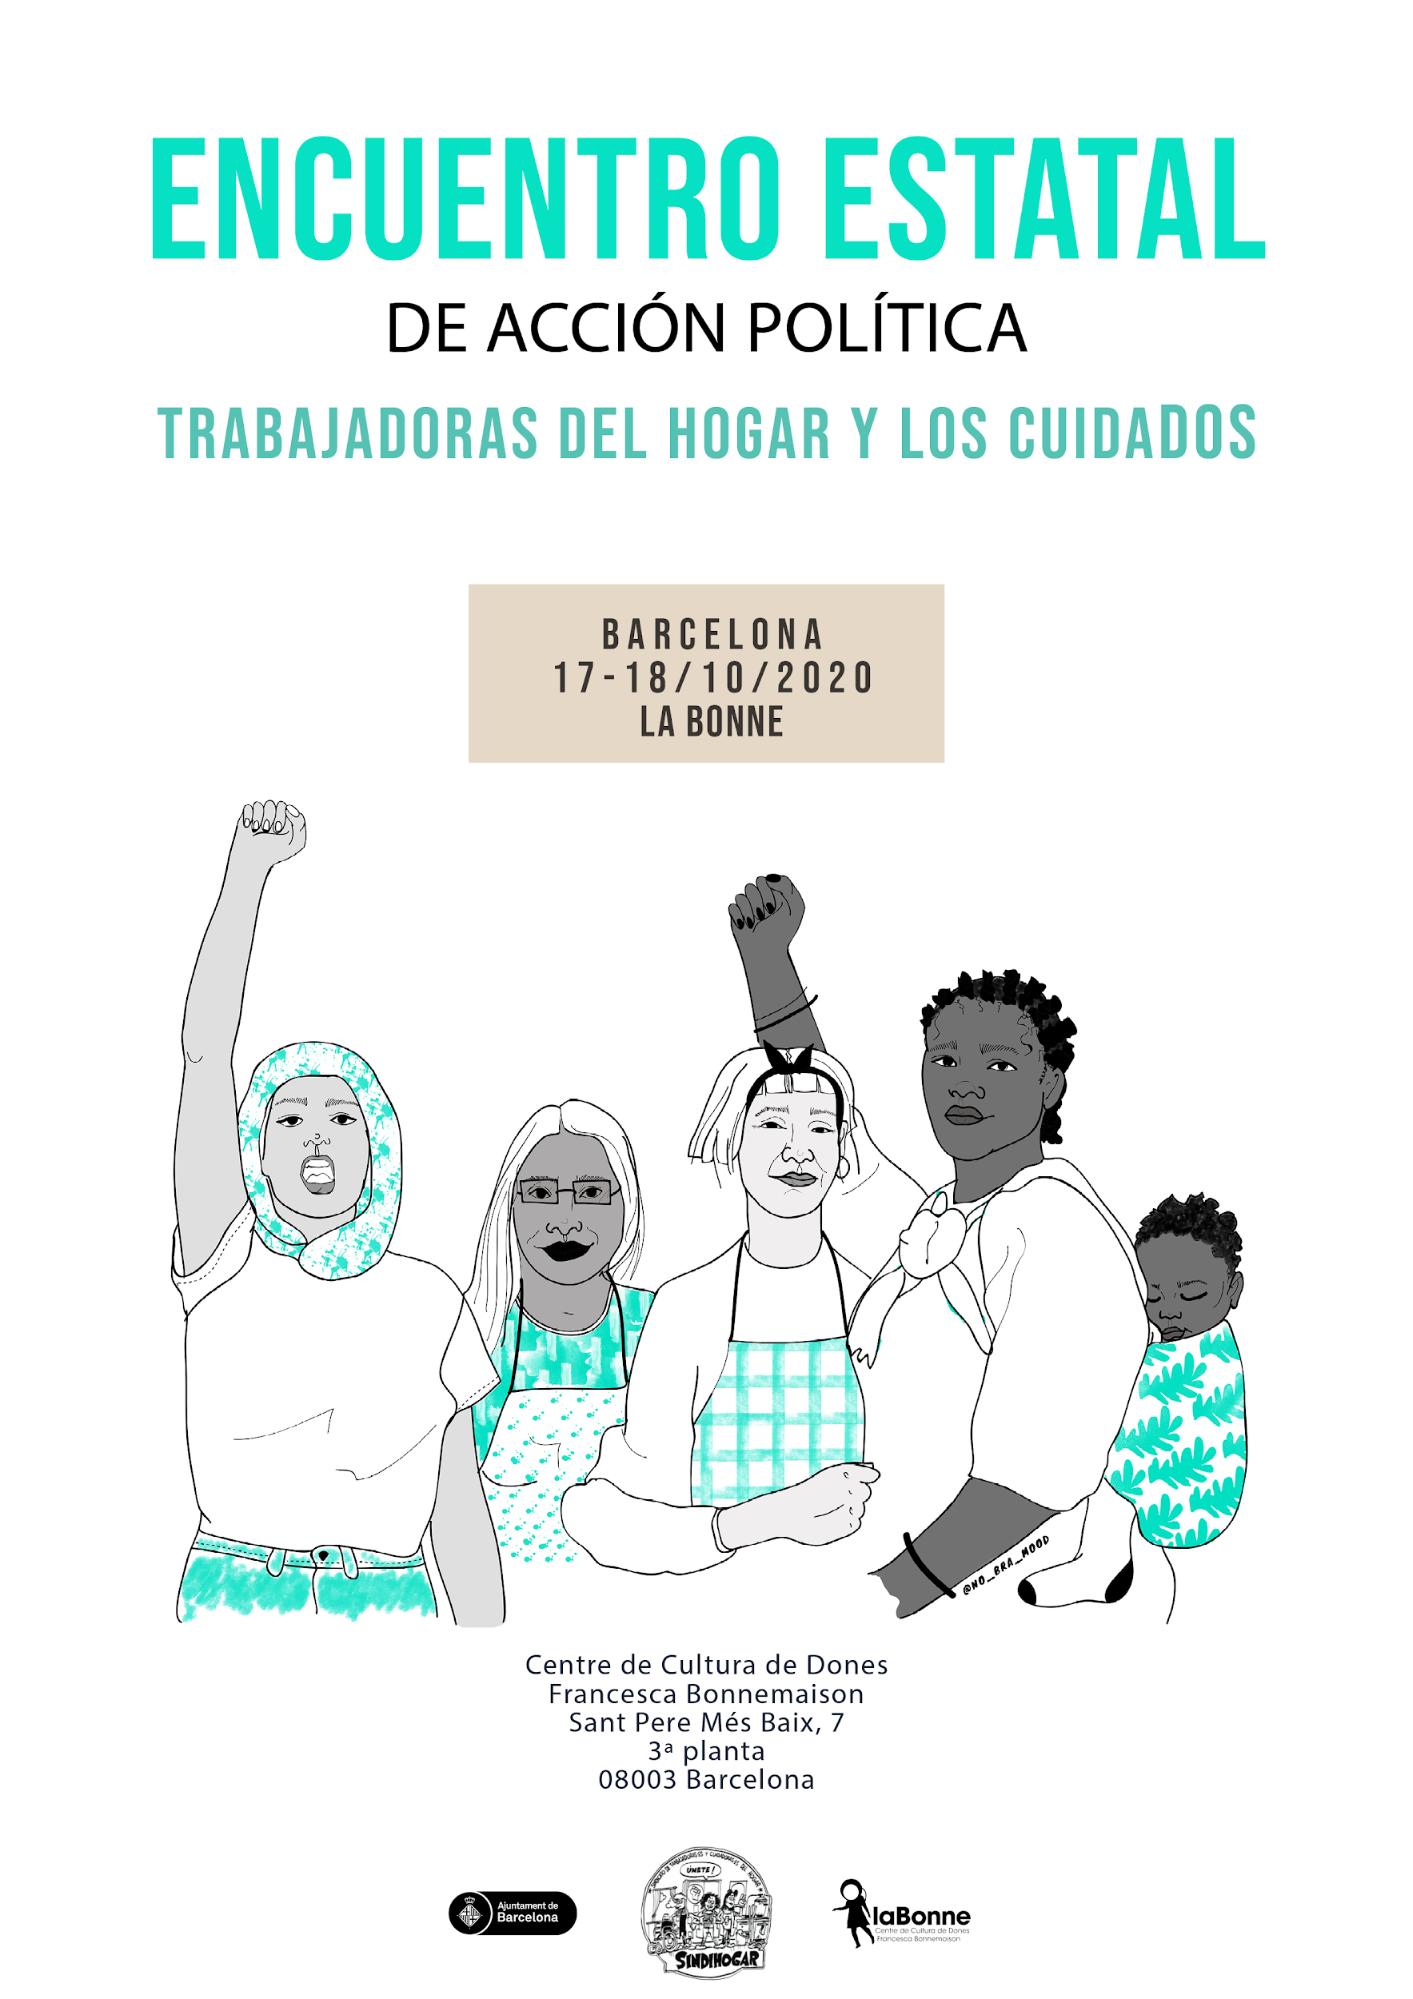 Encuentro Estatal de Acción Política: Trabajadoras del hogar y los cuidados (Sindillar)